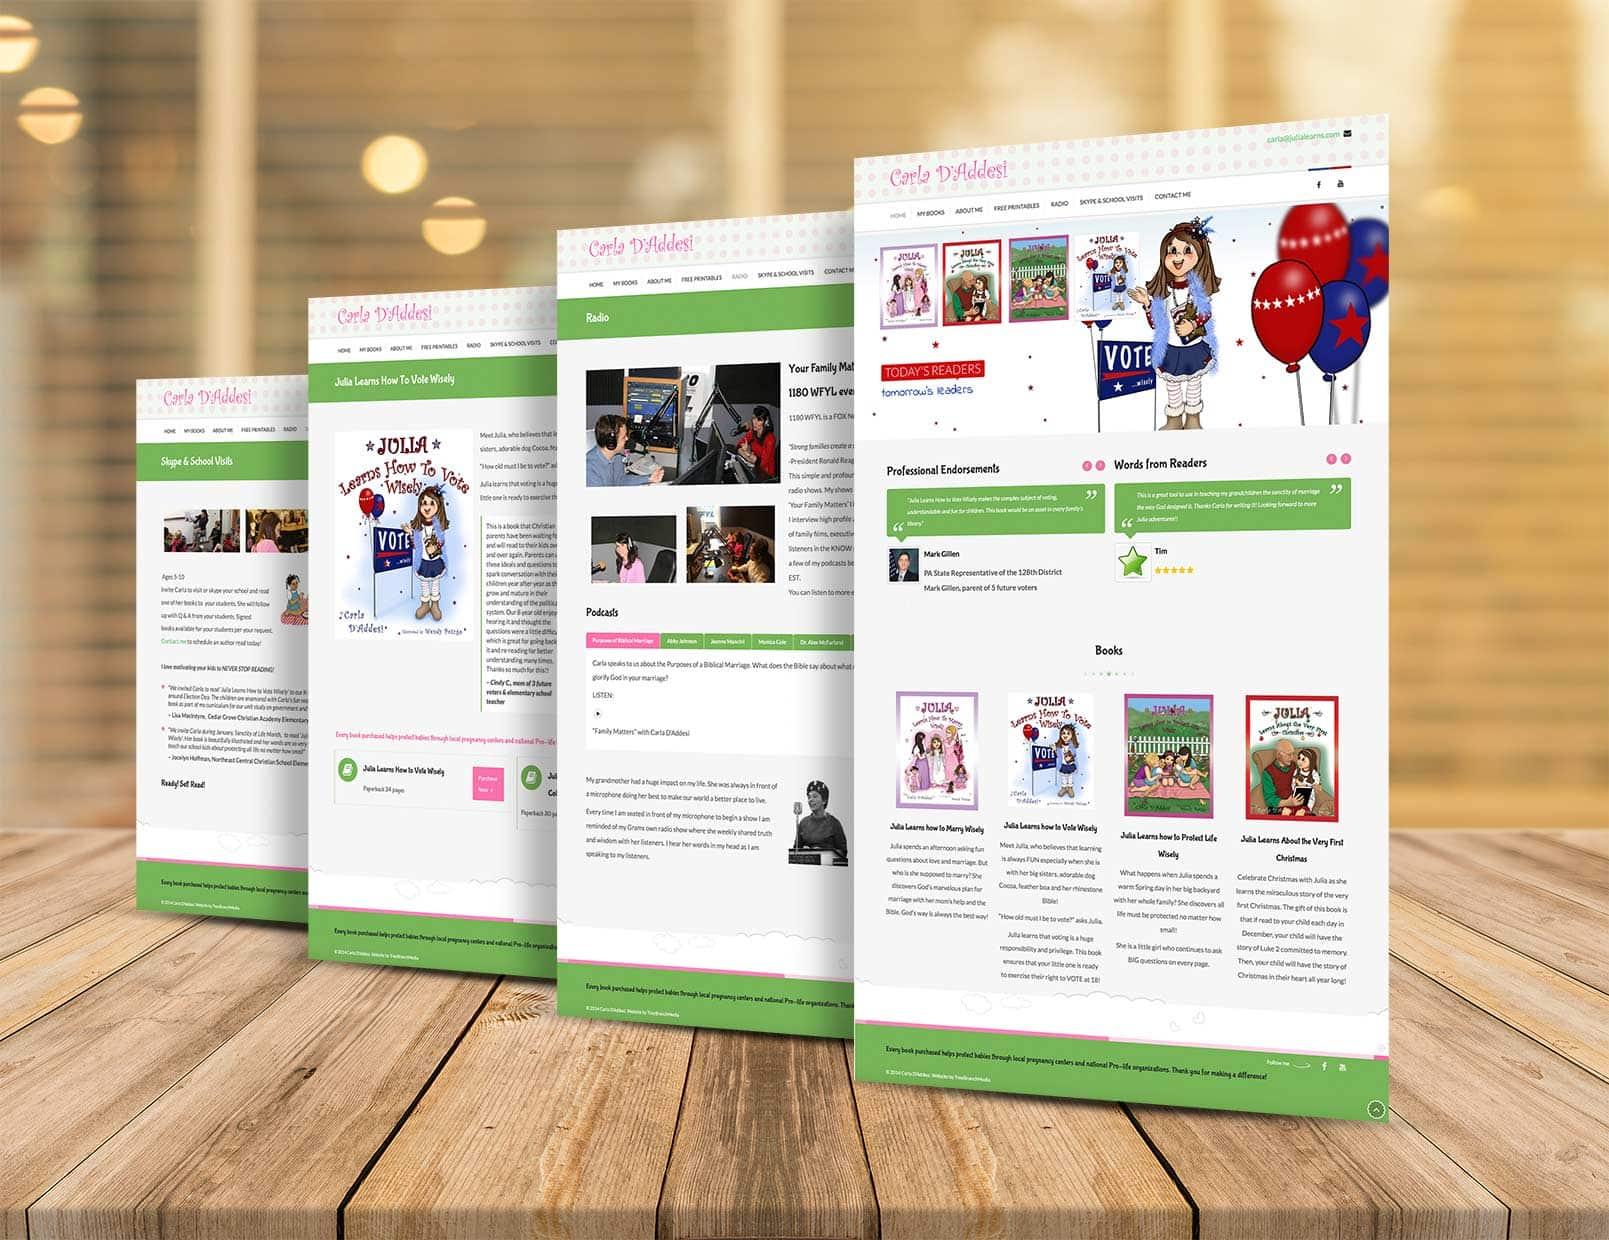 Website Designer - I need a website